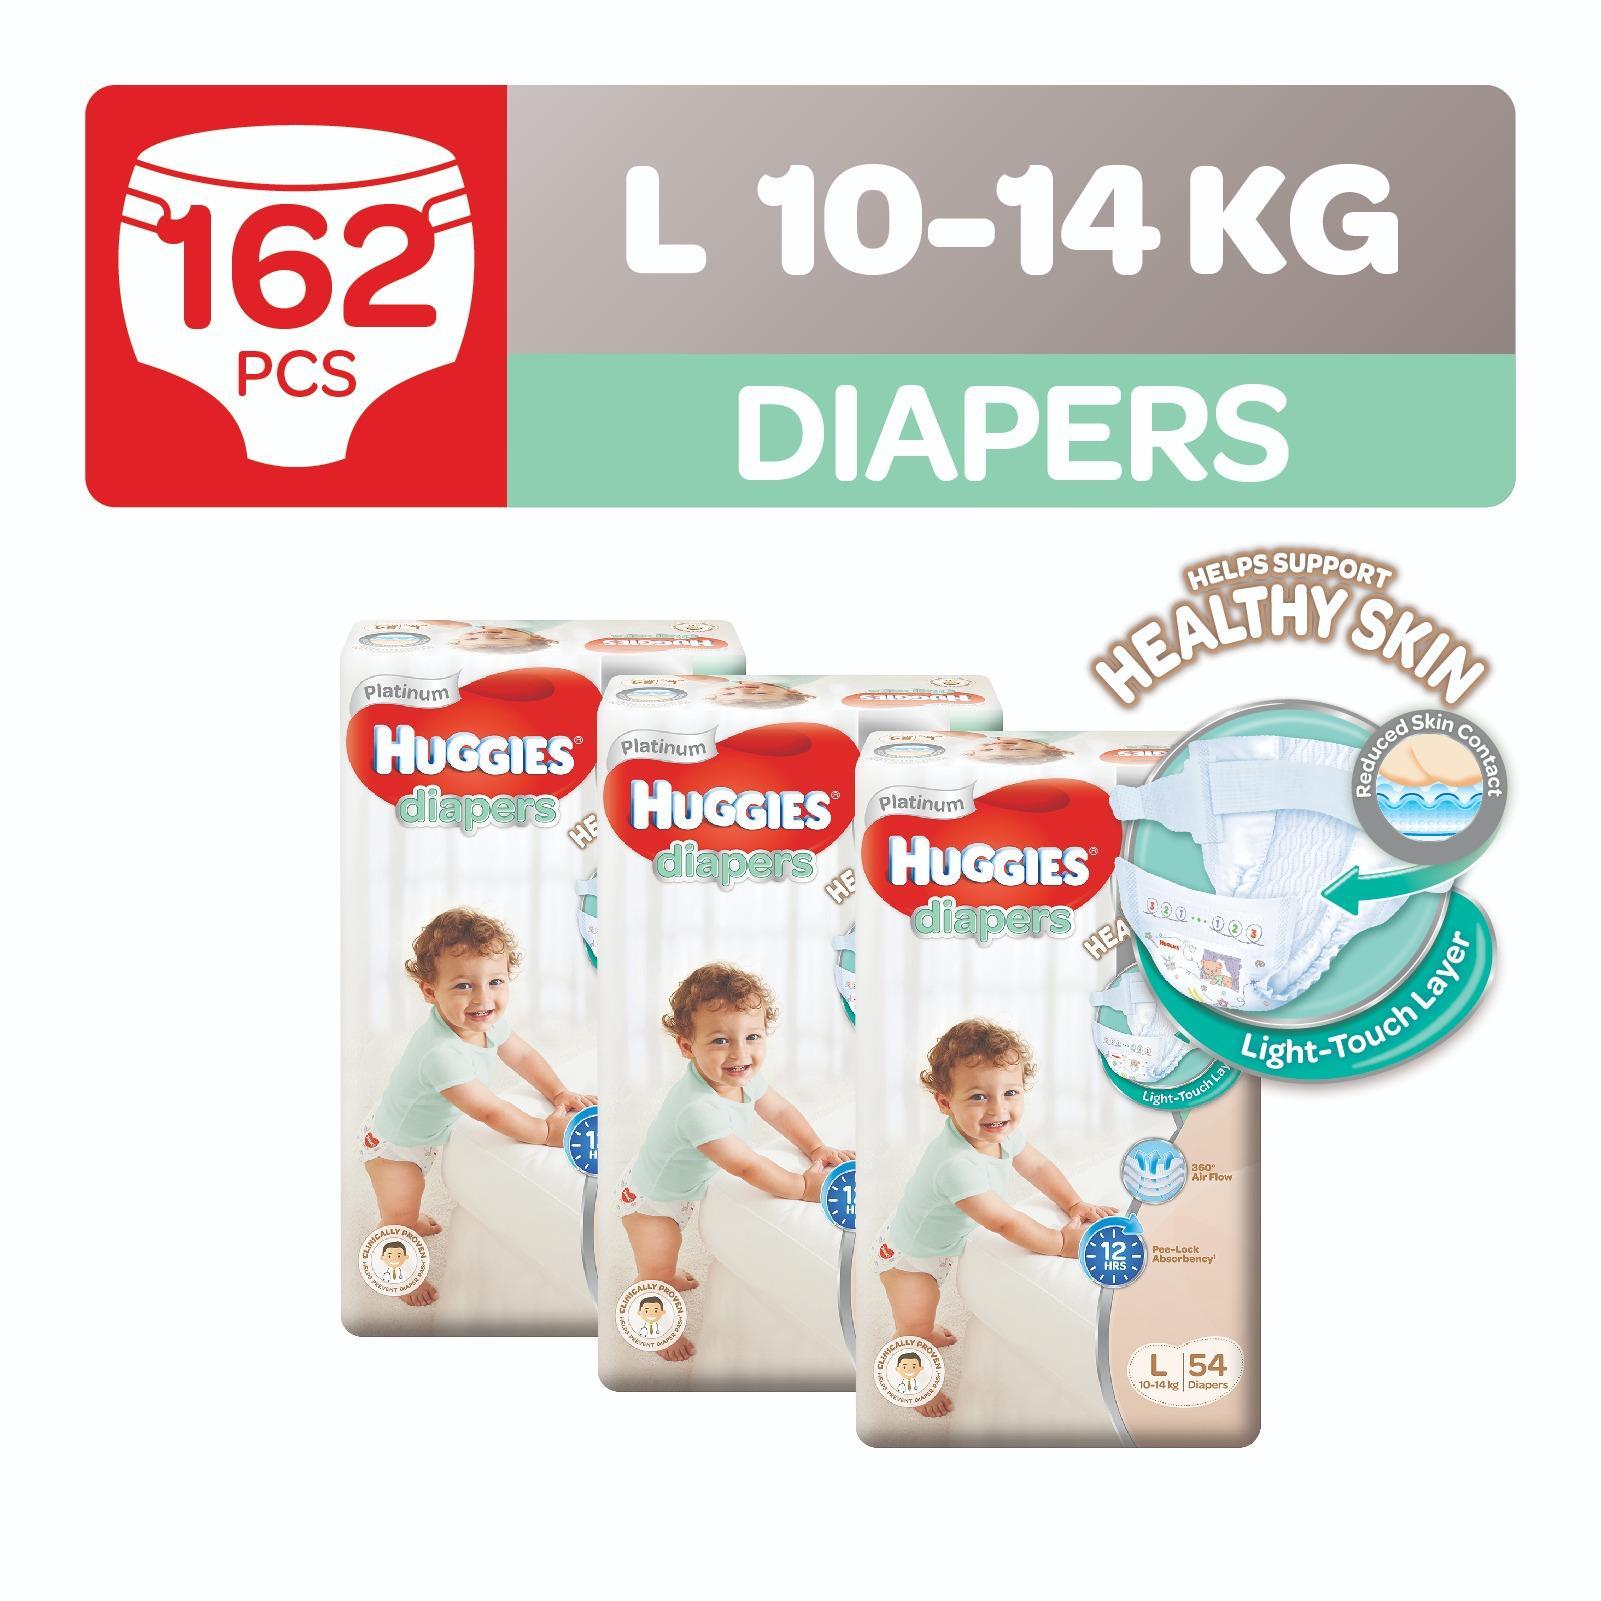 Huggies Platinum Diapers L 54pcs x 3 packs